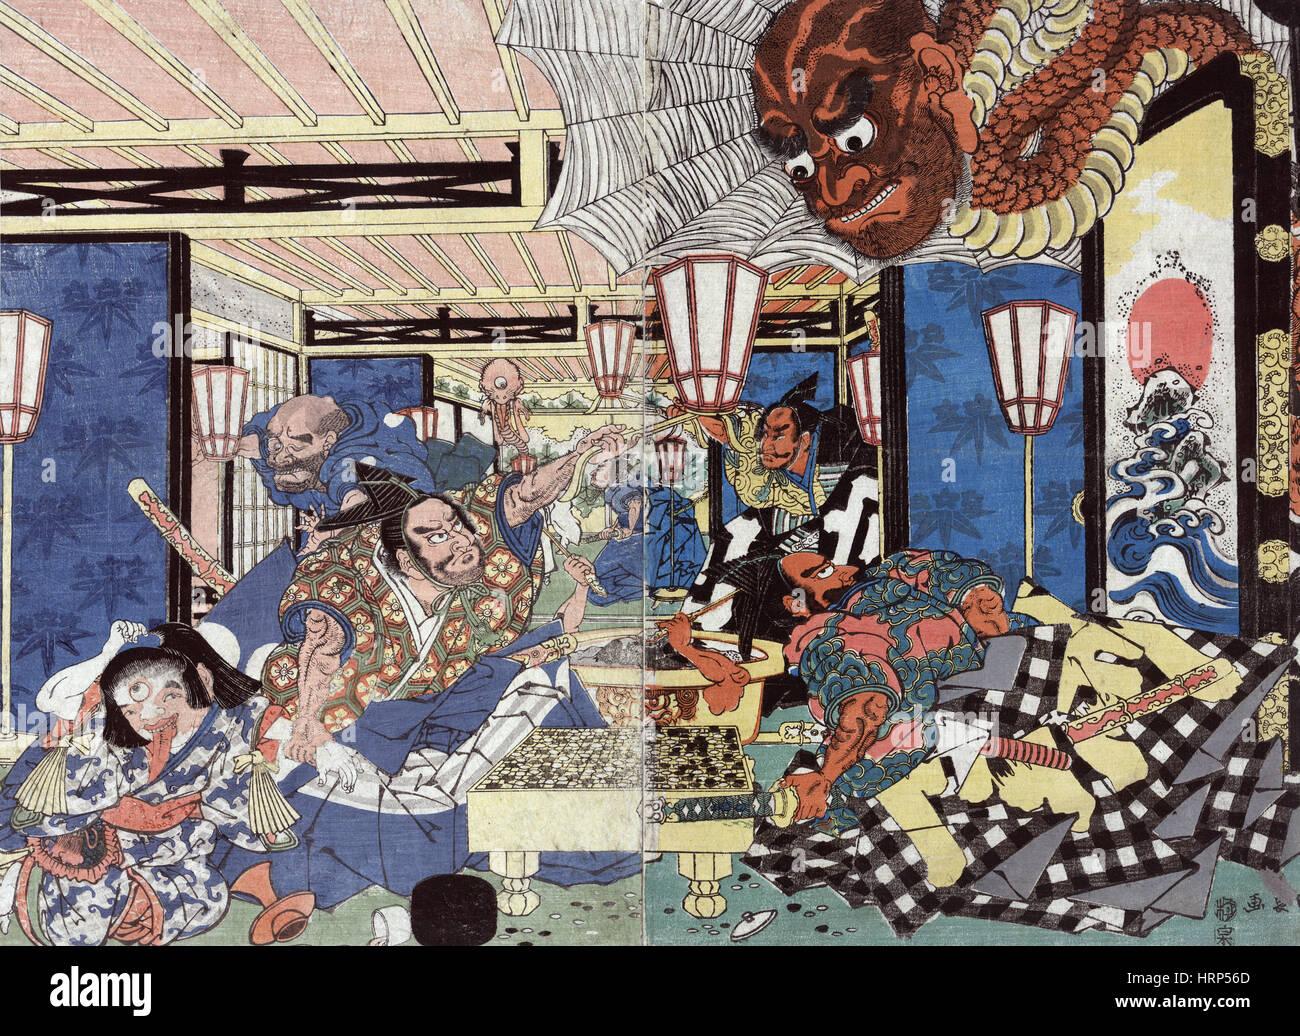 Yorimitsu Minamoto, légende de Tsuchigumo Photo Stock